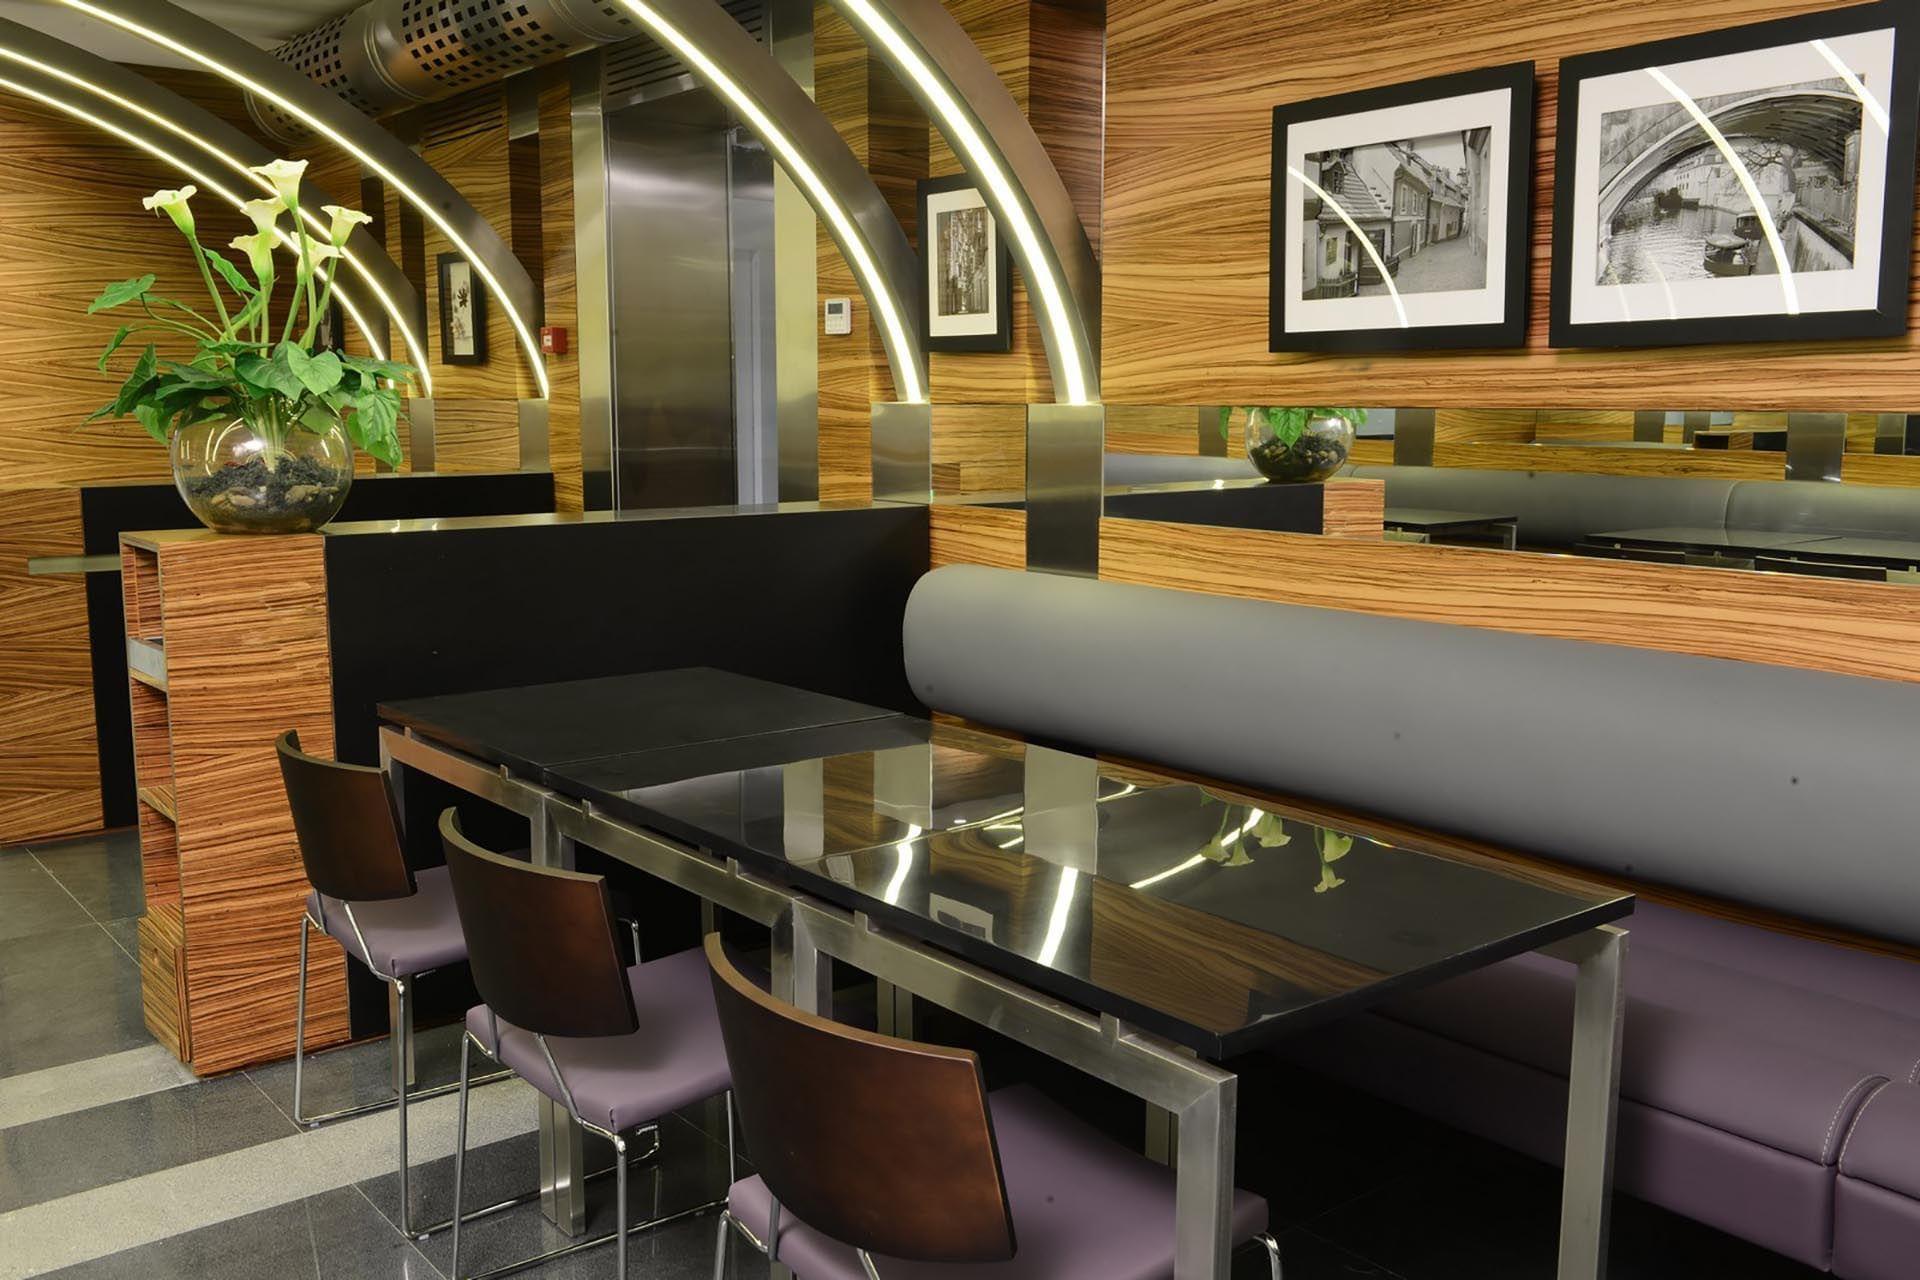 O'cocco Restaurant inside